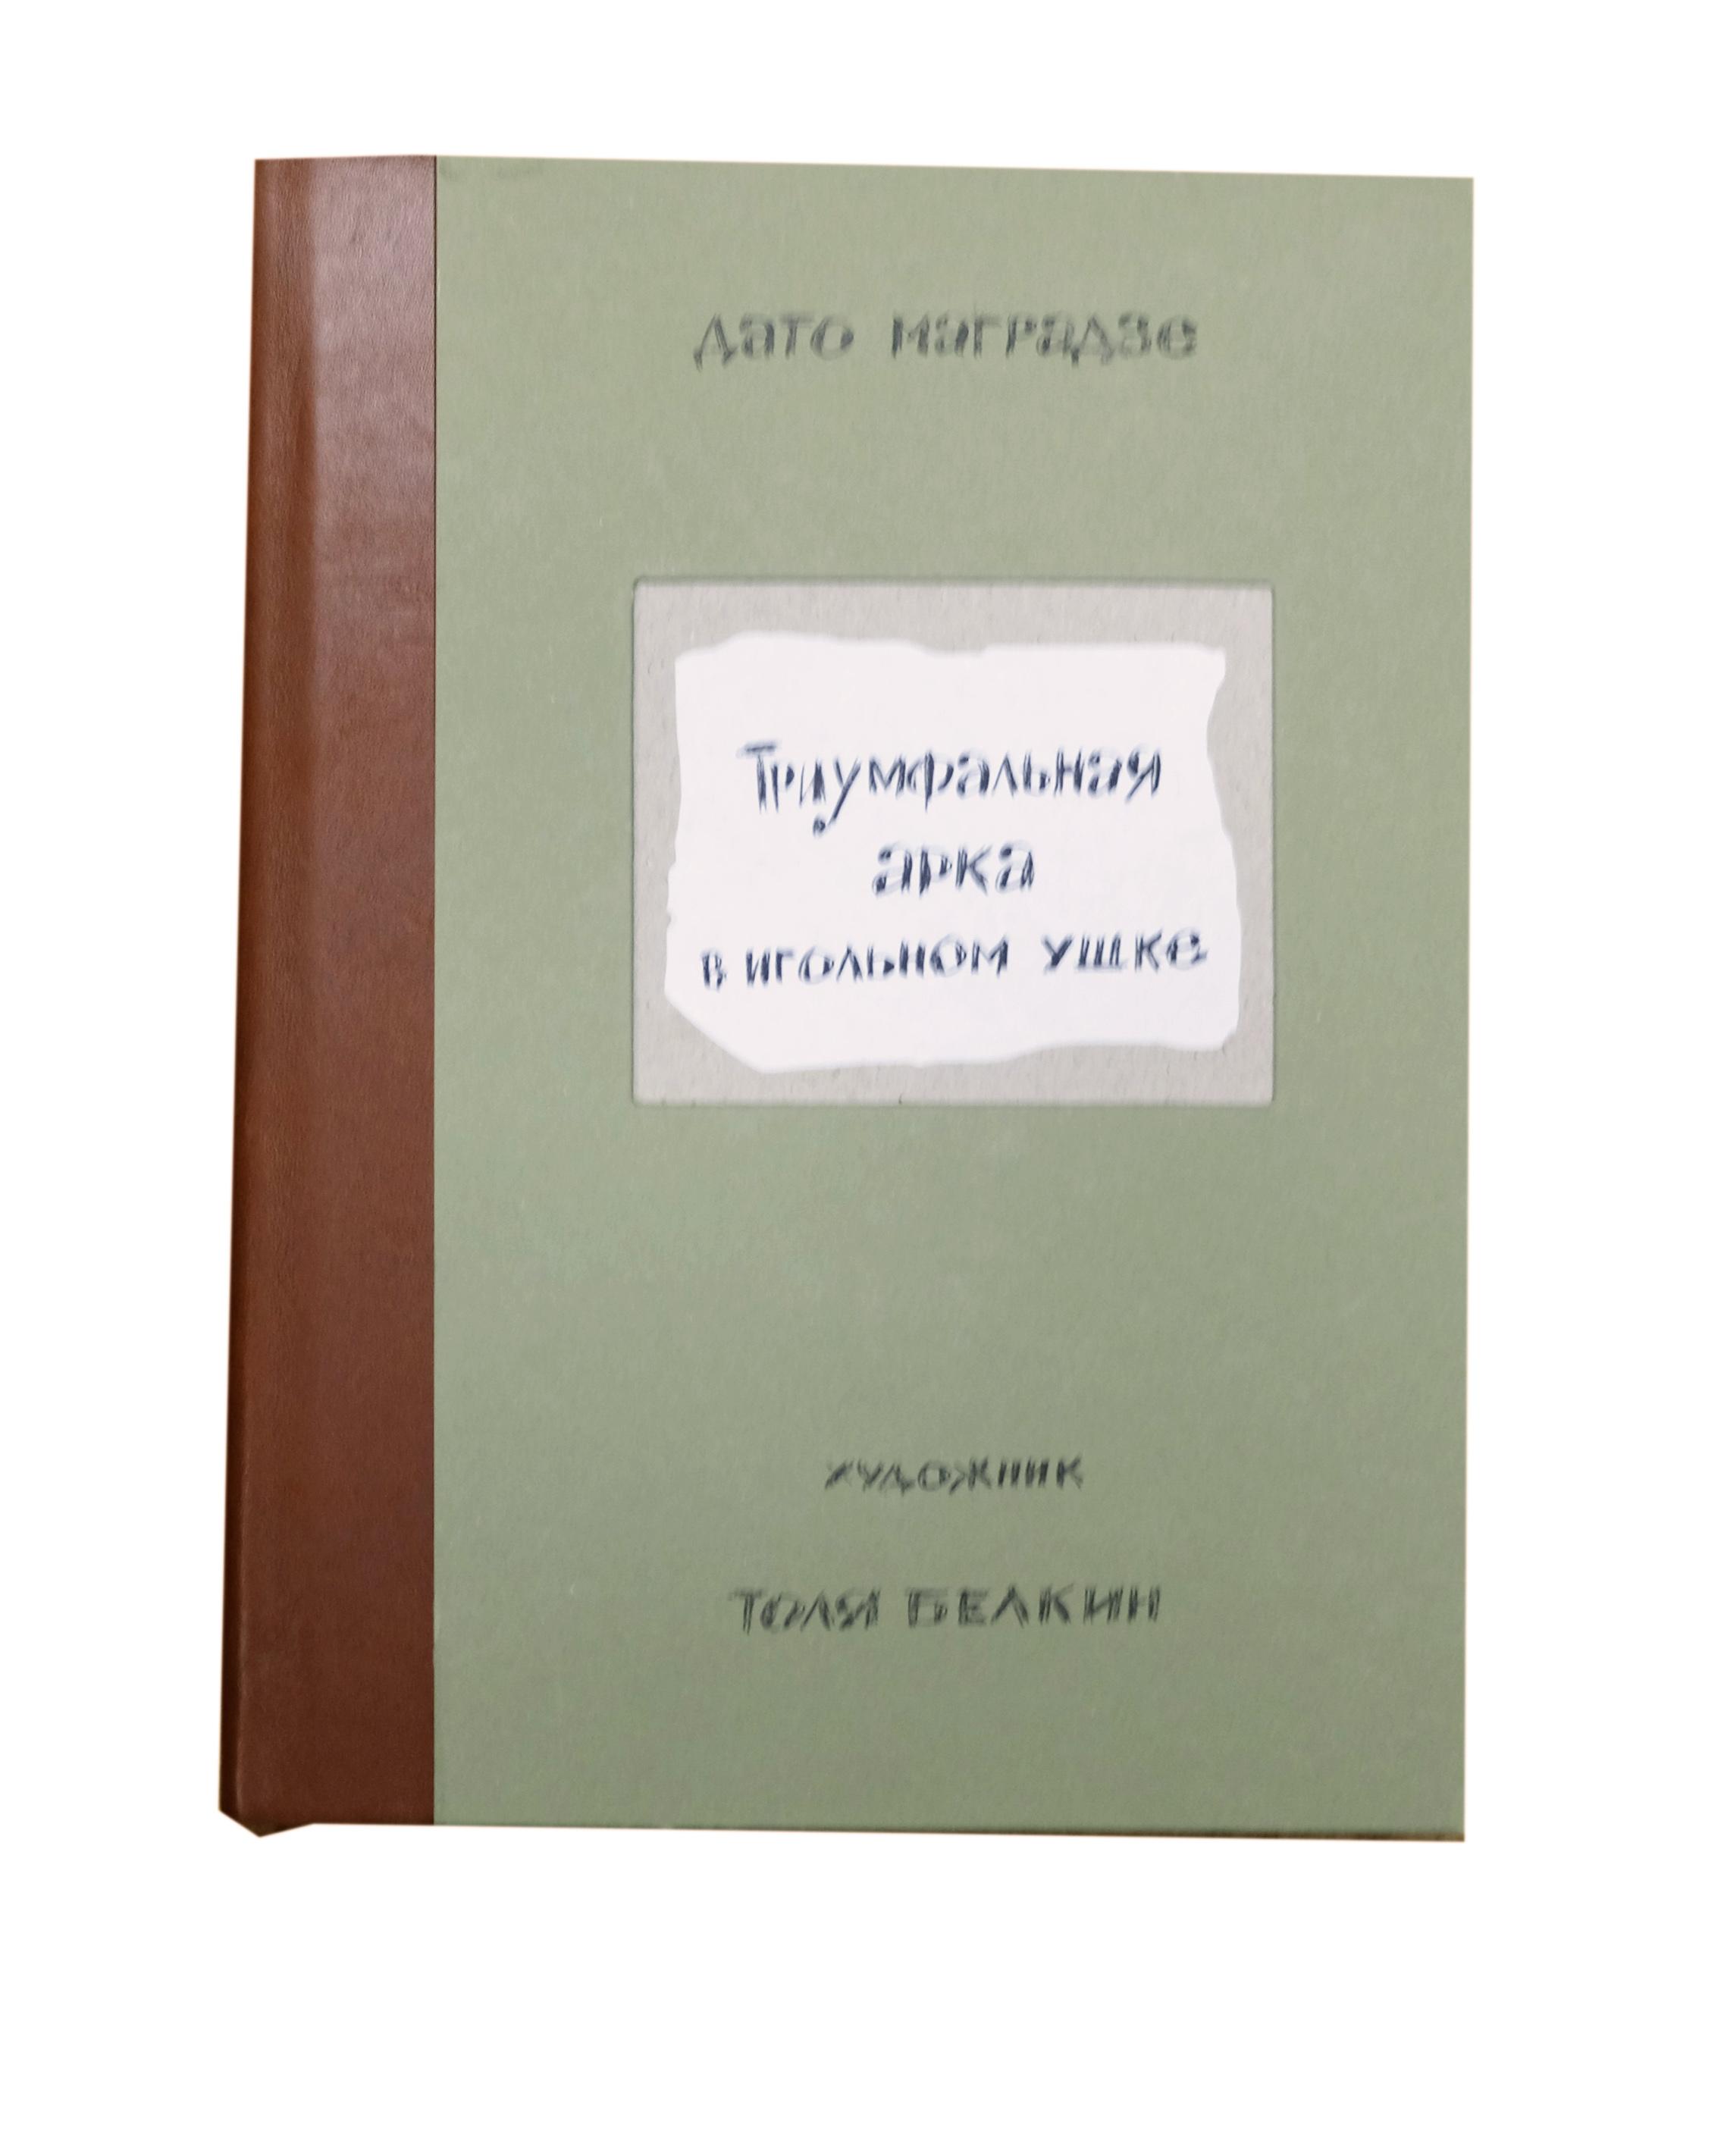 17990.JPG